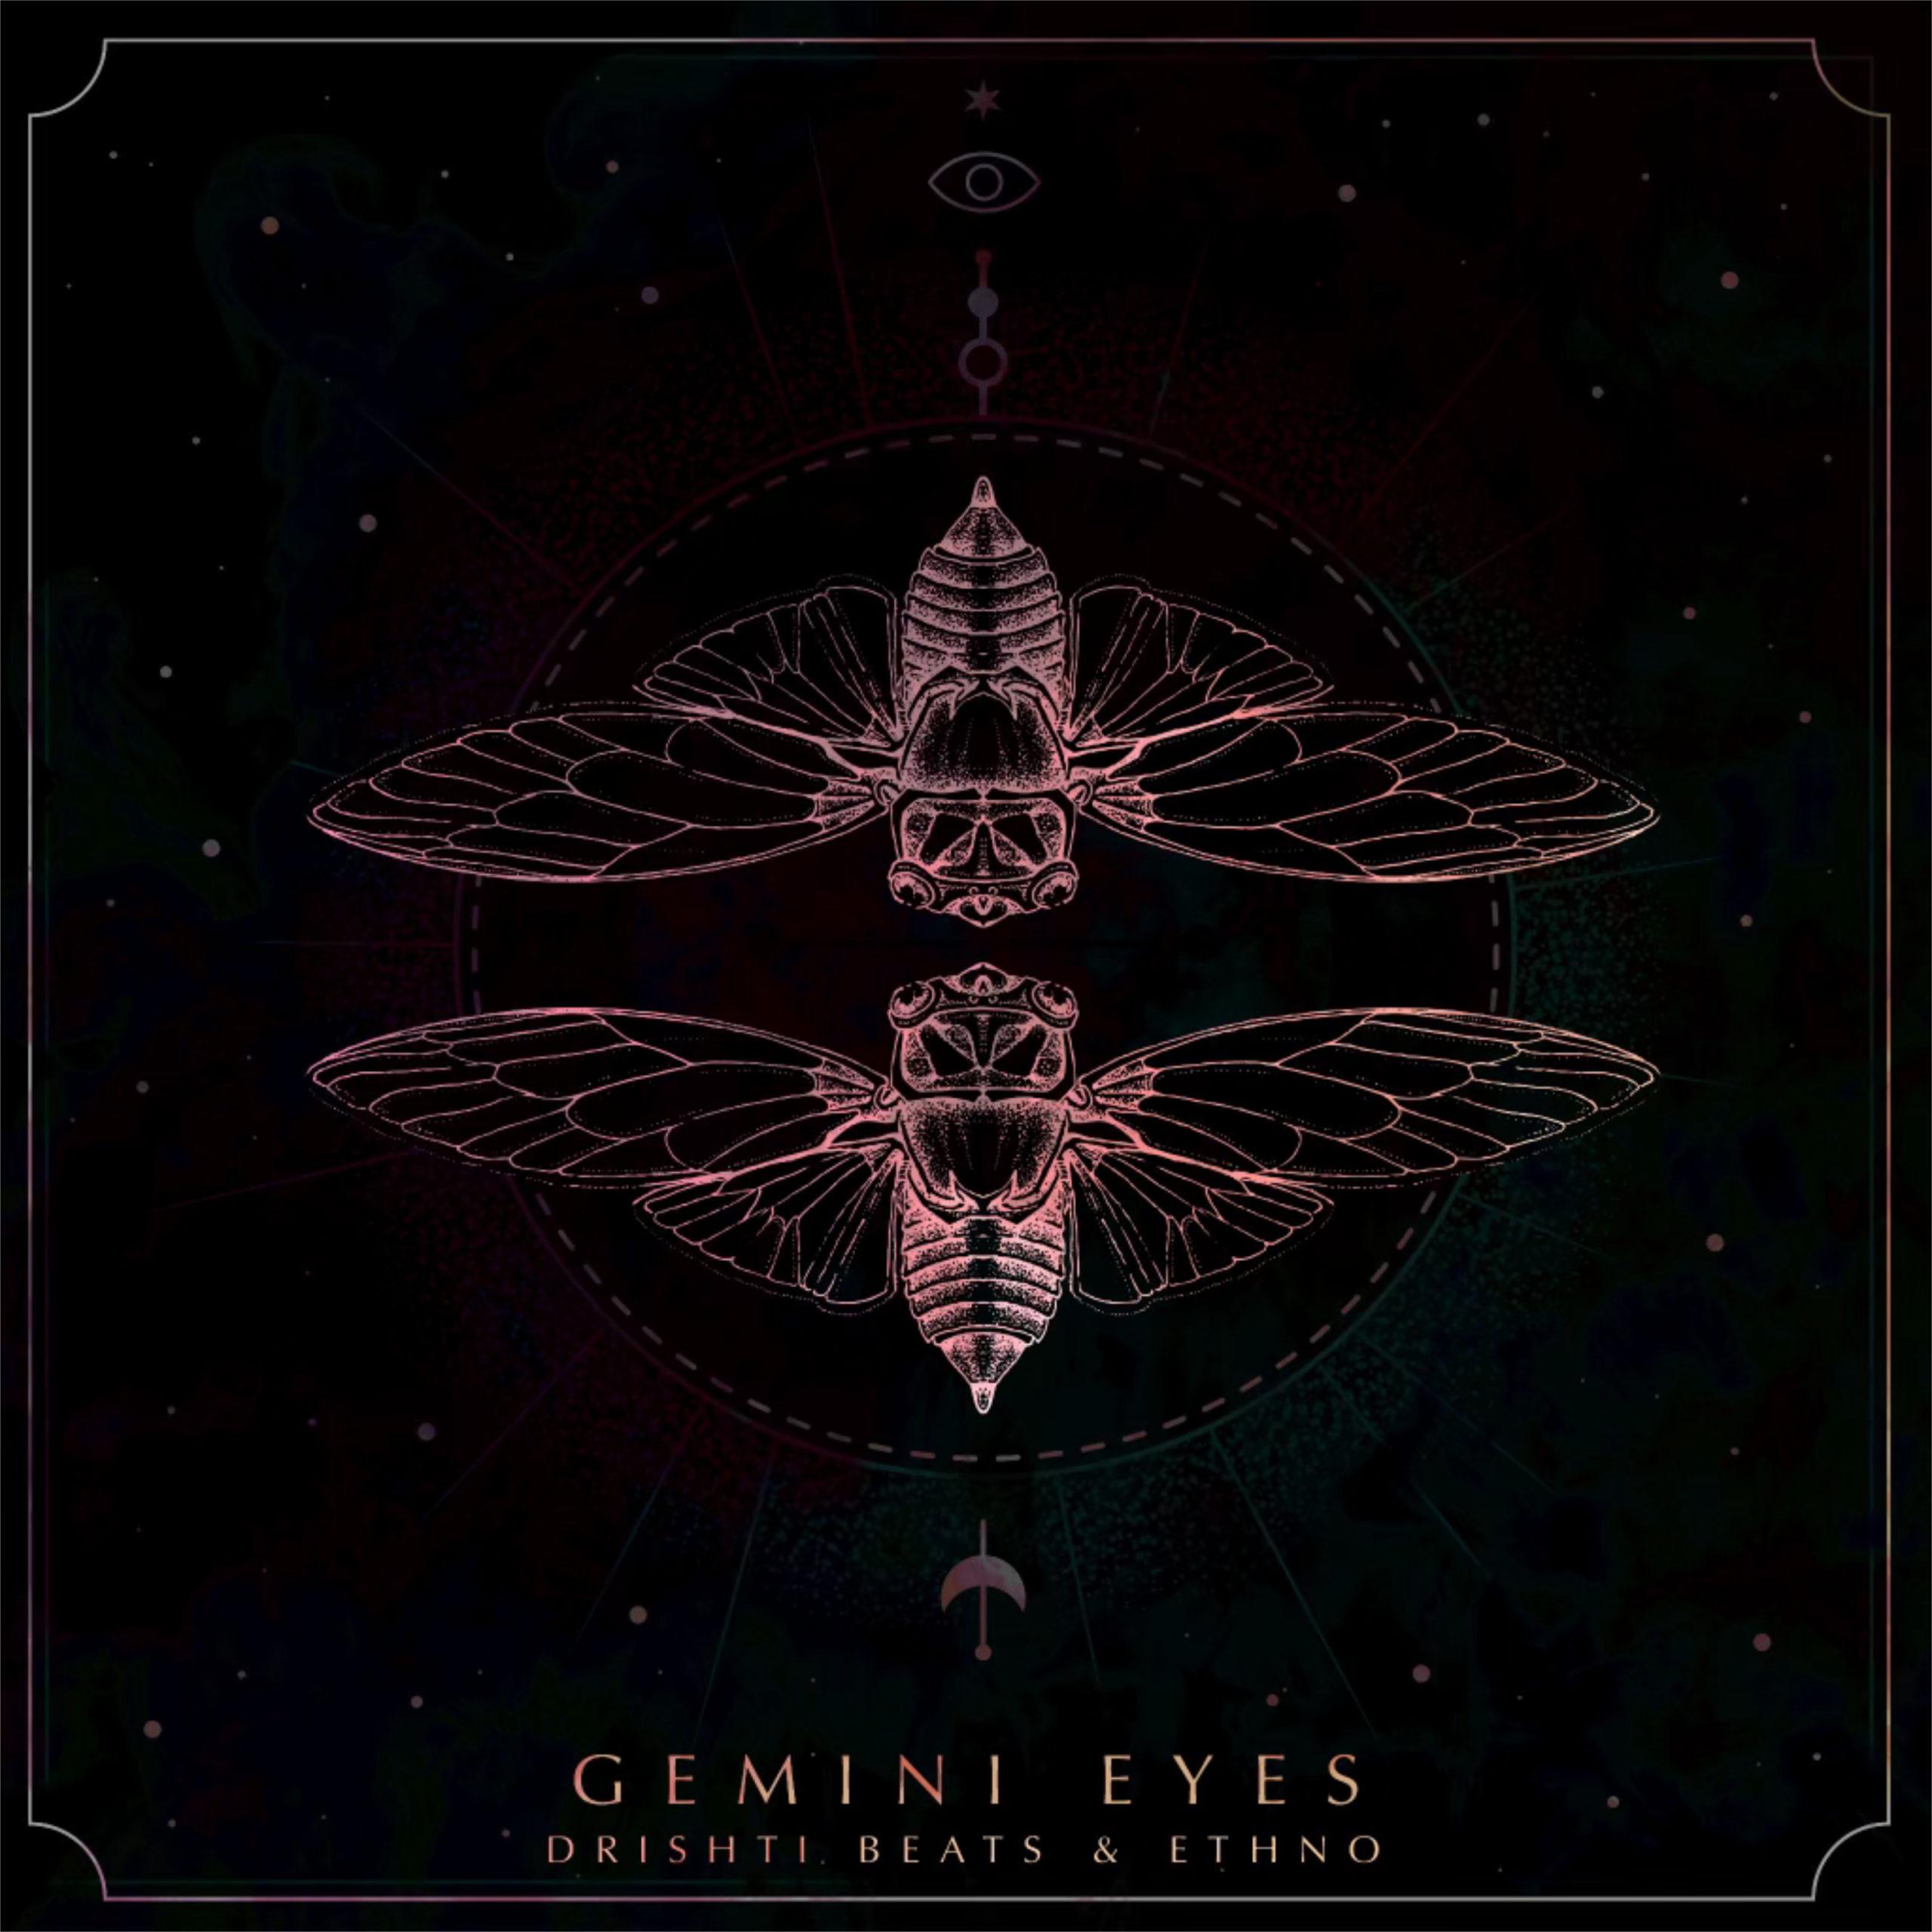 Gemini Eyes - Drishti Beats